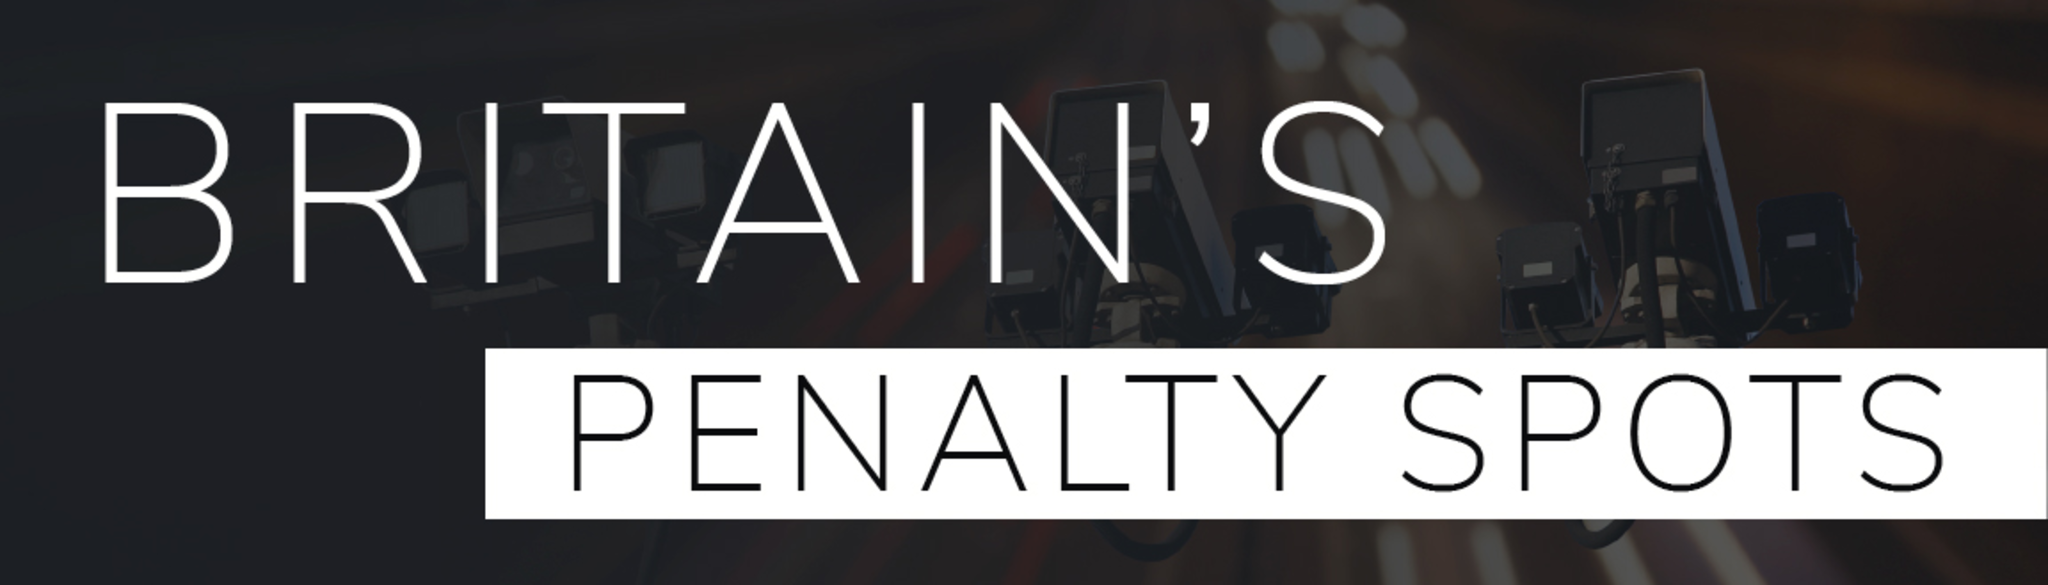 Britain's Penalty Spots